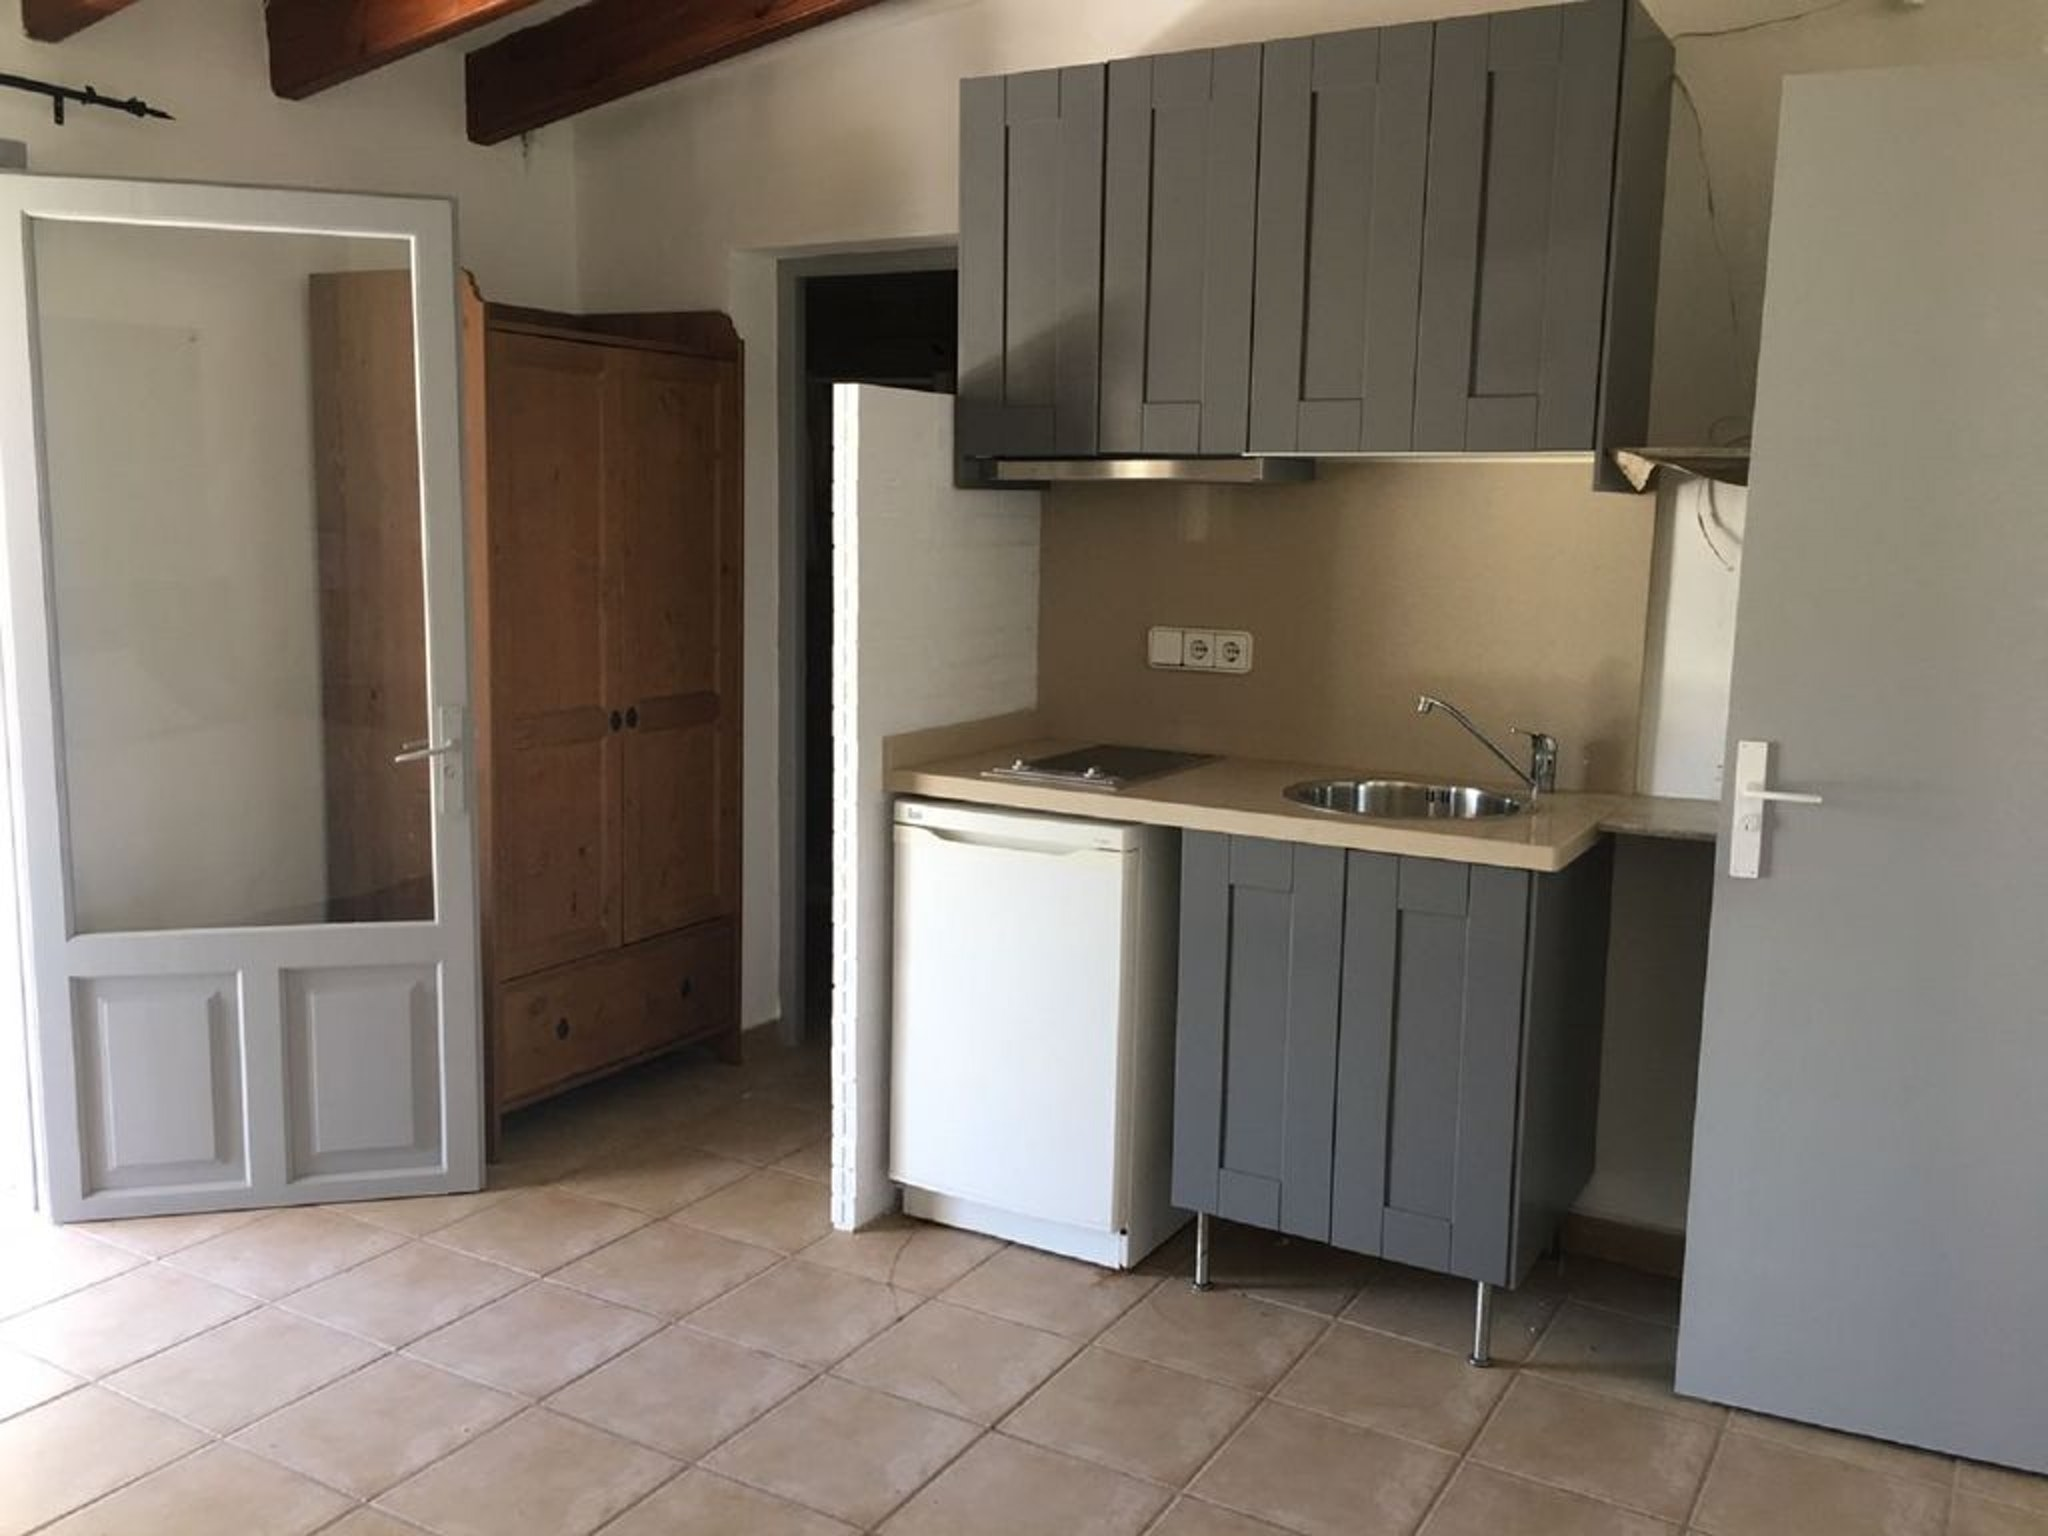 Maison de vacances Haus mit 3 Schlafzimmern in Formentera mit eingezäuntem Garten und W-LAN - 5 km vom Strand (2620580), San Francisco Javier, Formentera, Iles Baléares, Espagne, image 5